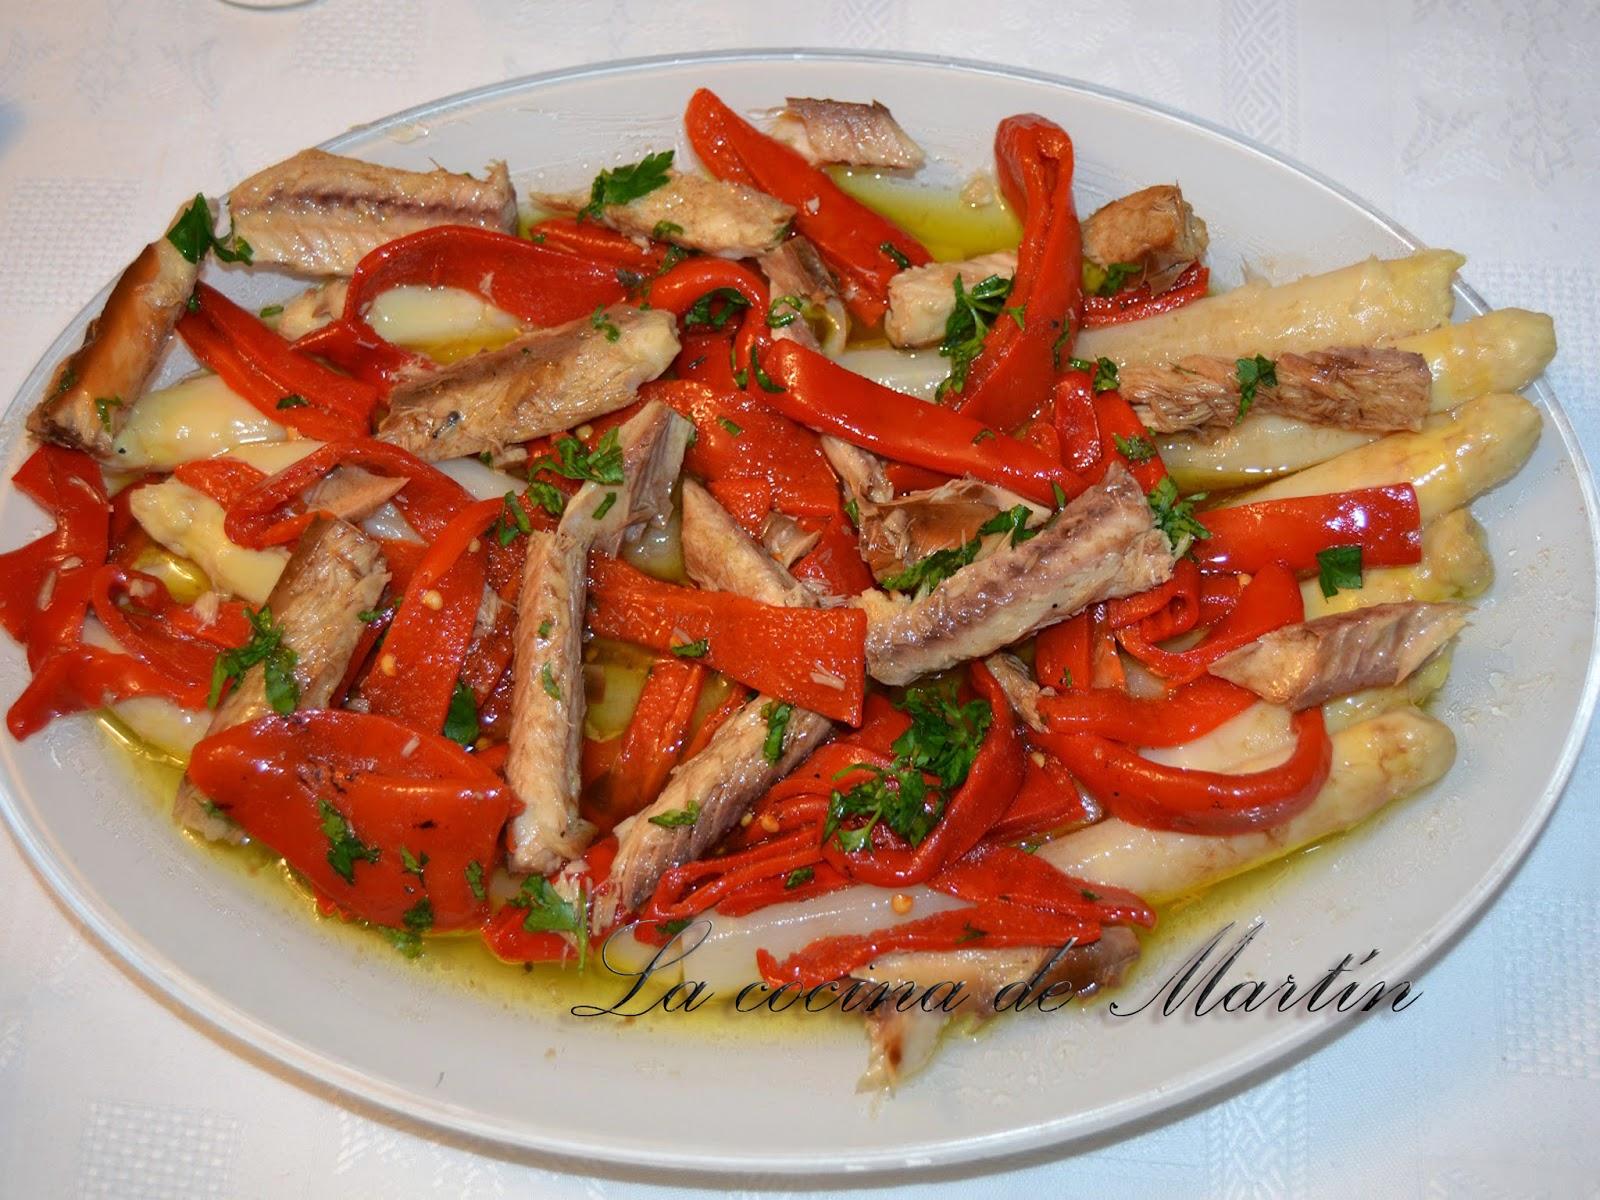 La cocina de mart n ensalada de lomos de caballa con esp rragos blancos y pimientos del piquillo - Cocinar con conservas ...